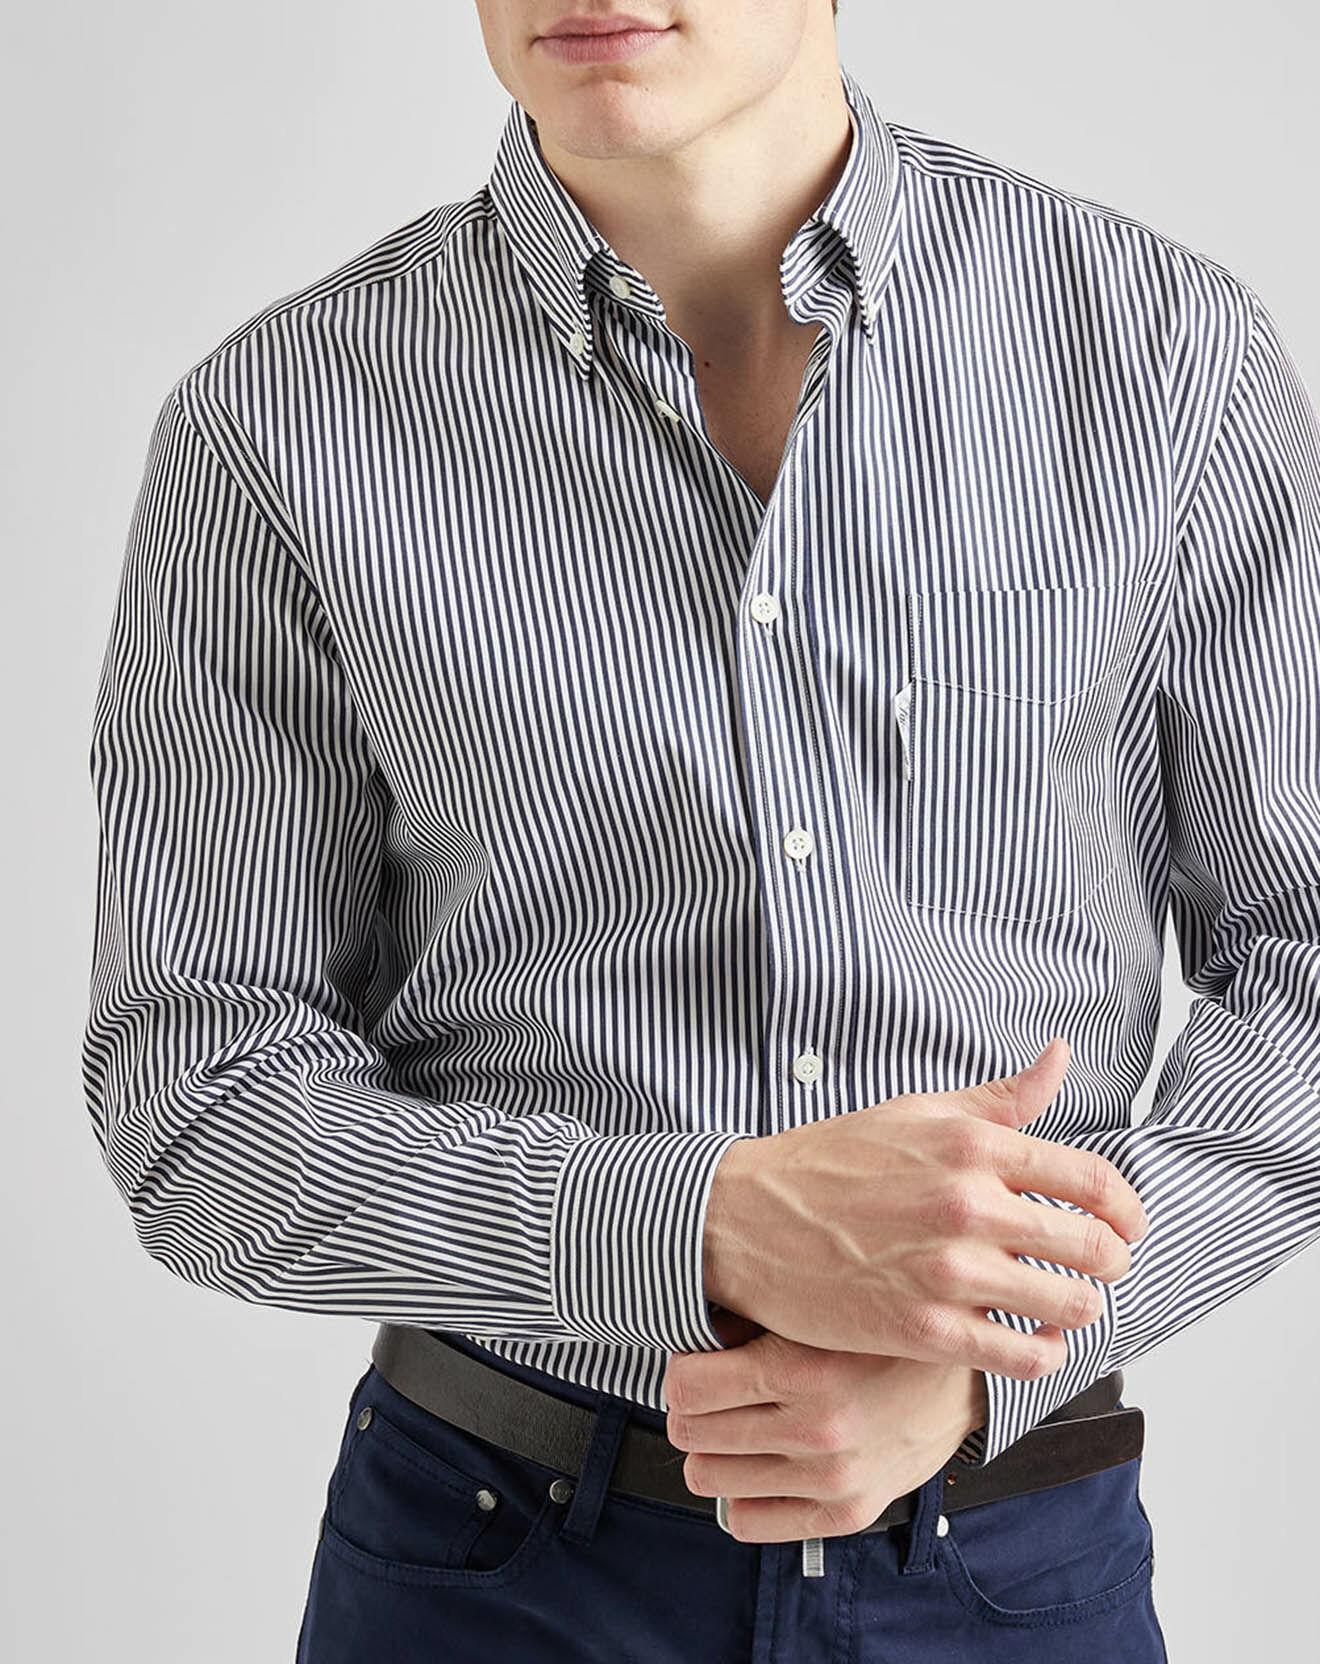 Chemise casual rayures bleu nuit/blanc - Façonnable - Modalova